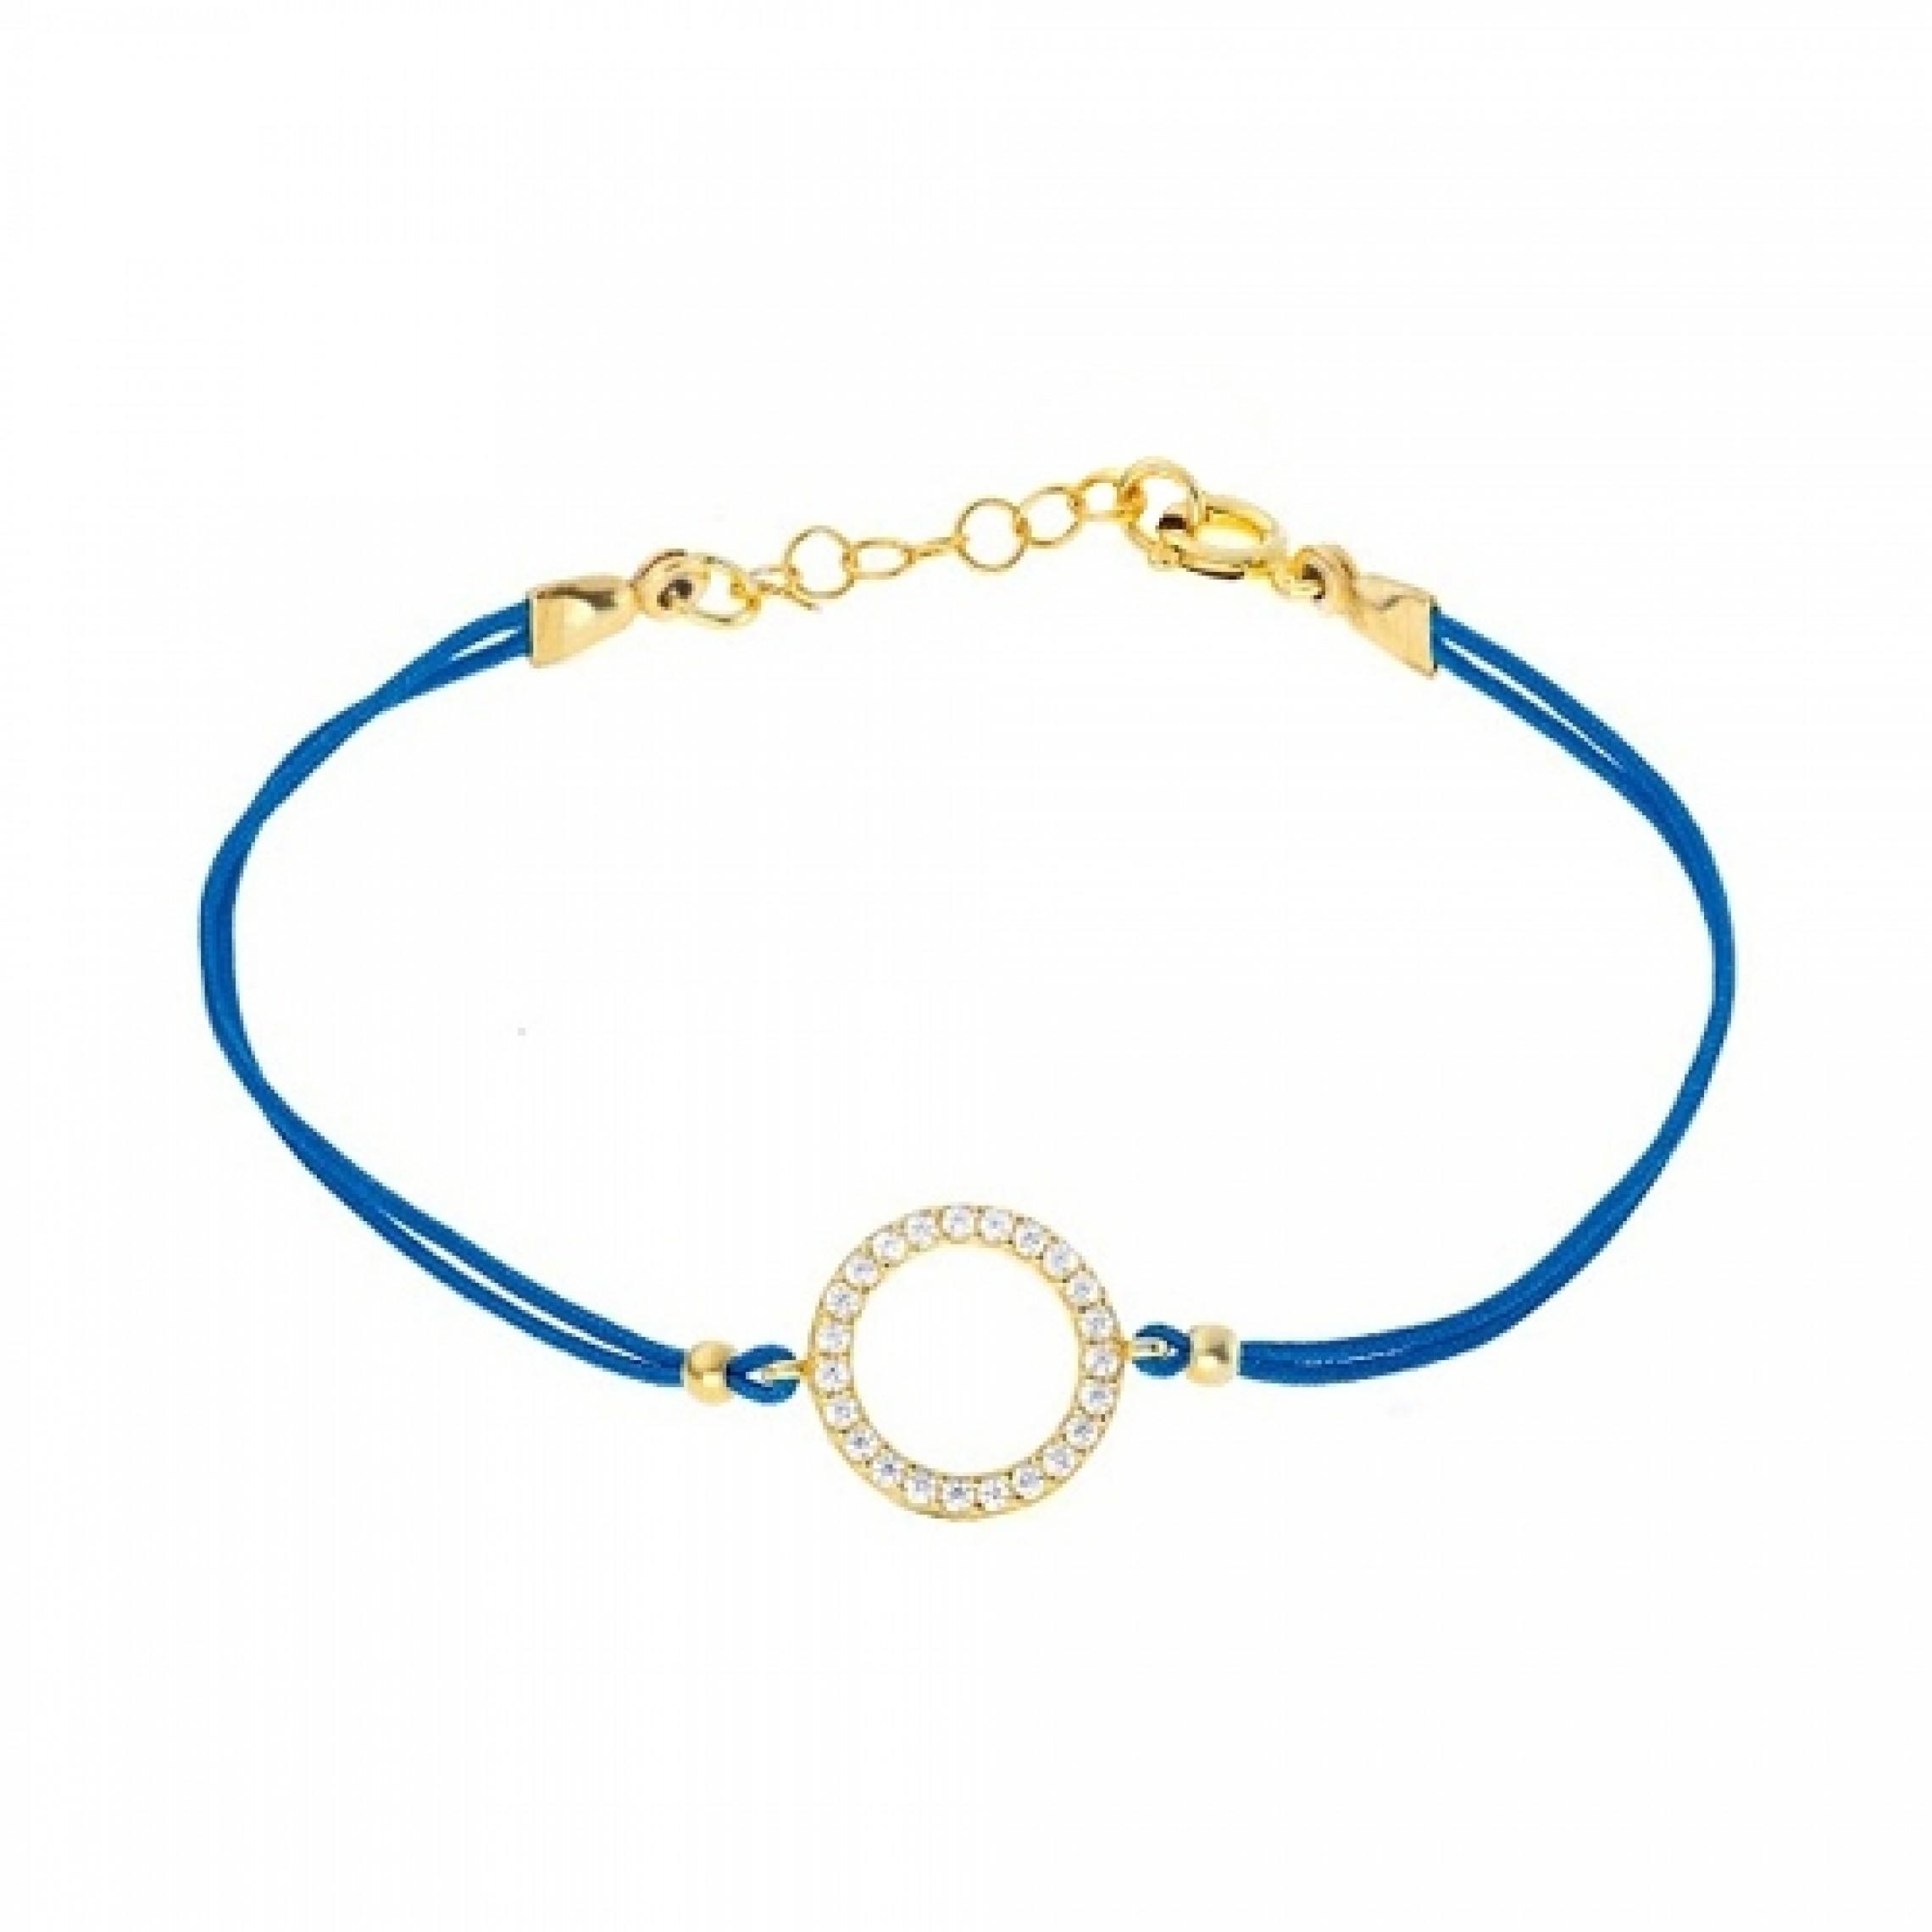 JB-180056 Evil Eye 925 Sterling Silver CZ Bracelet